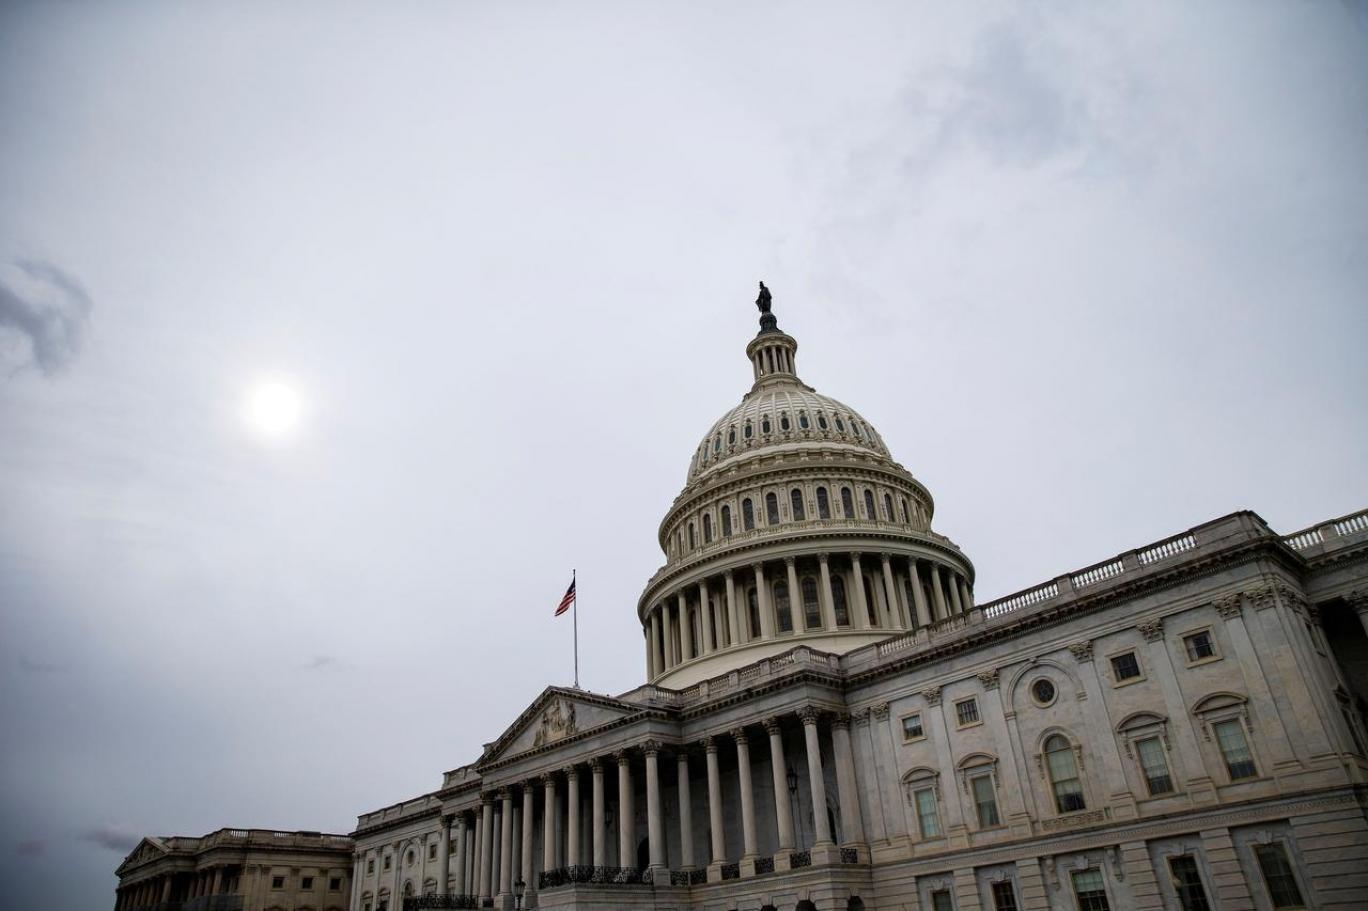 مشروع في الكونغرس لوضع الإخوان المسلمين على